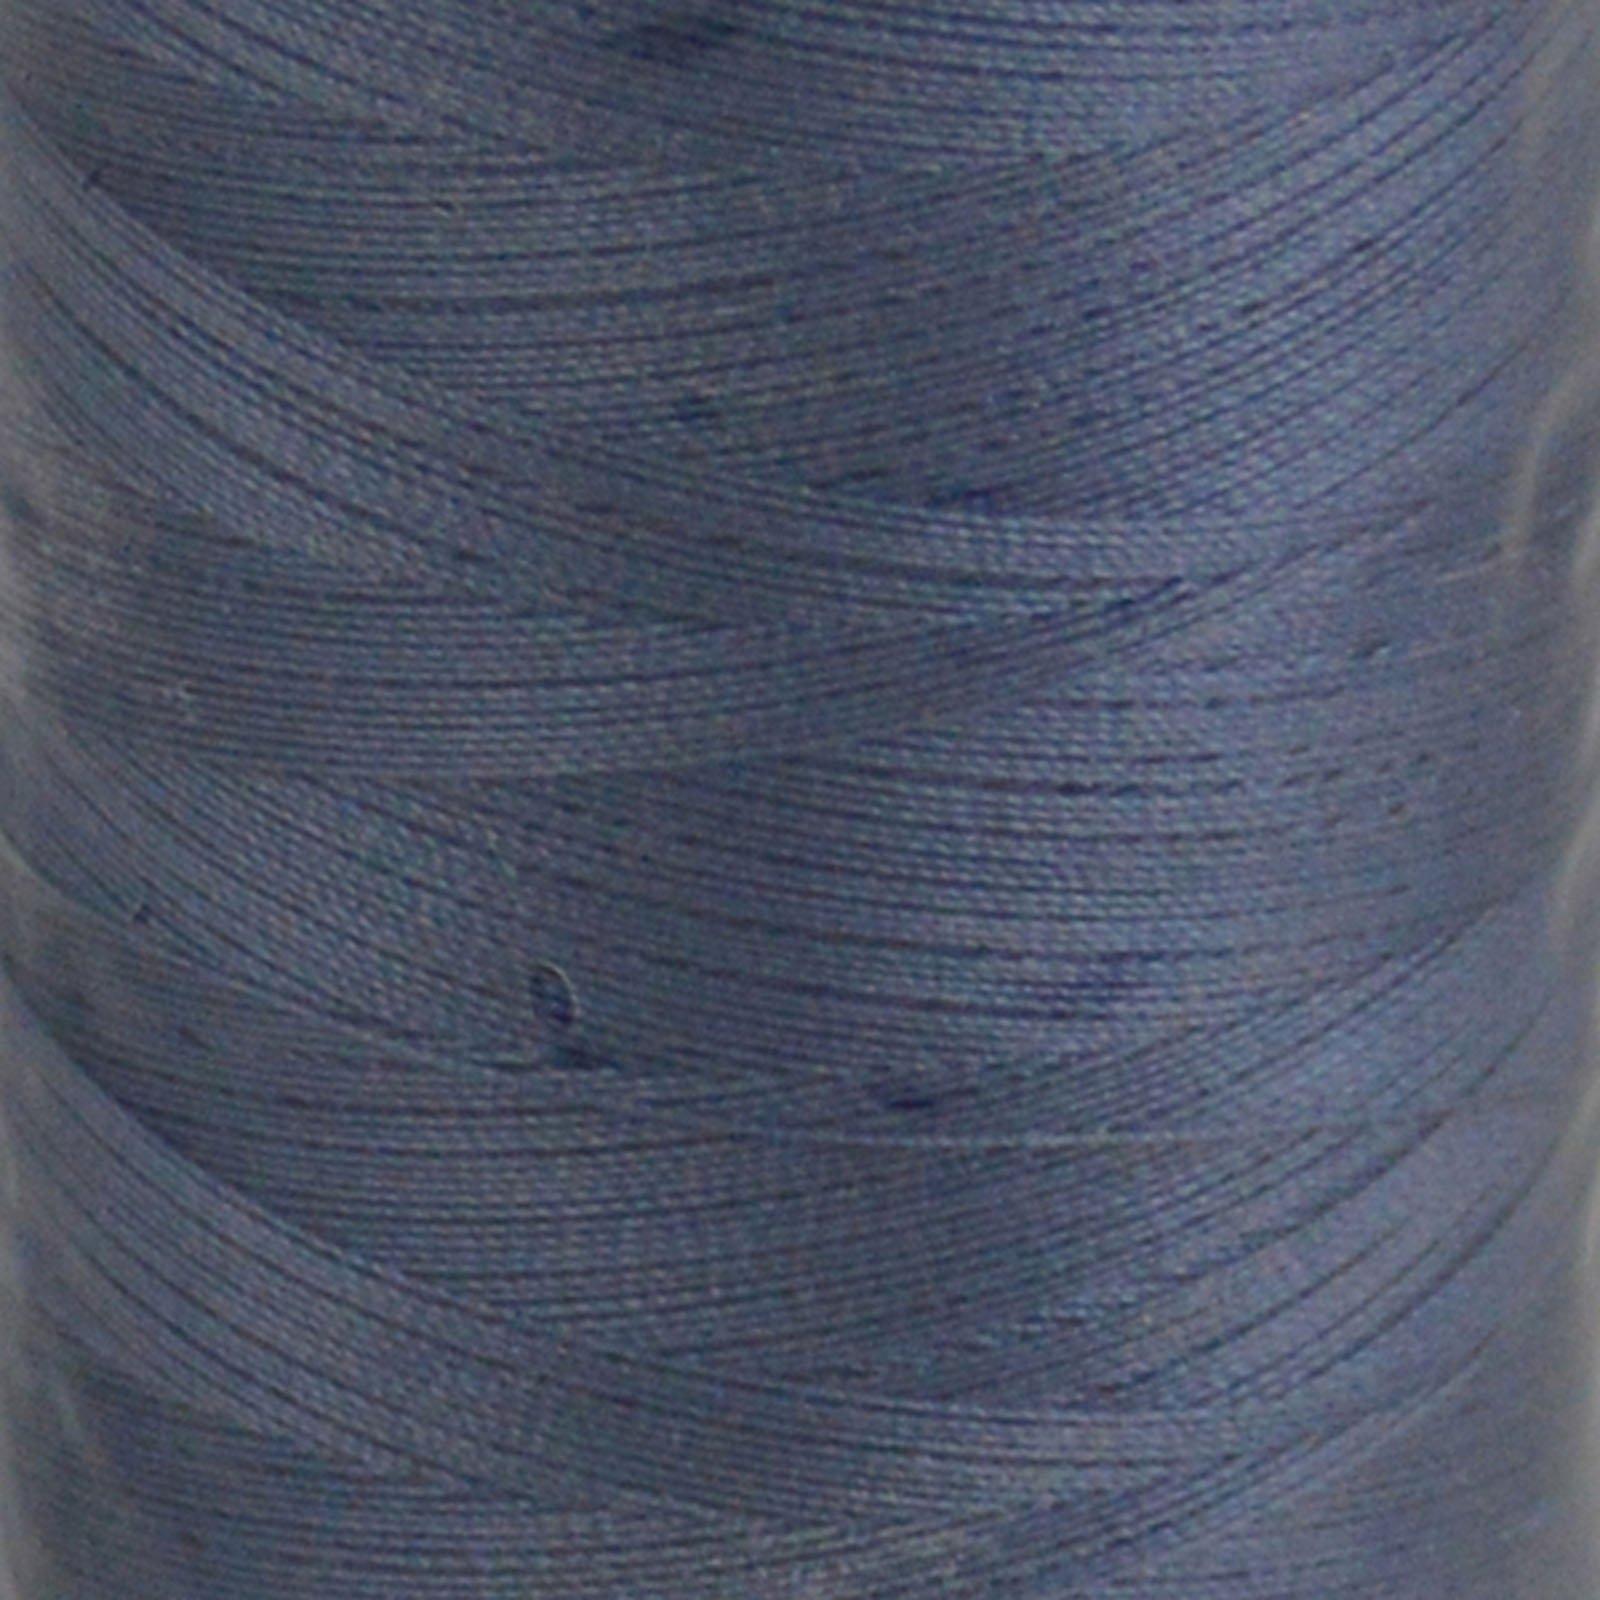 # 1248 Dark Grey Blue